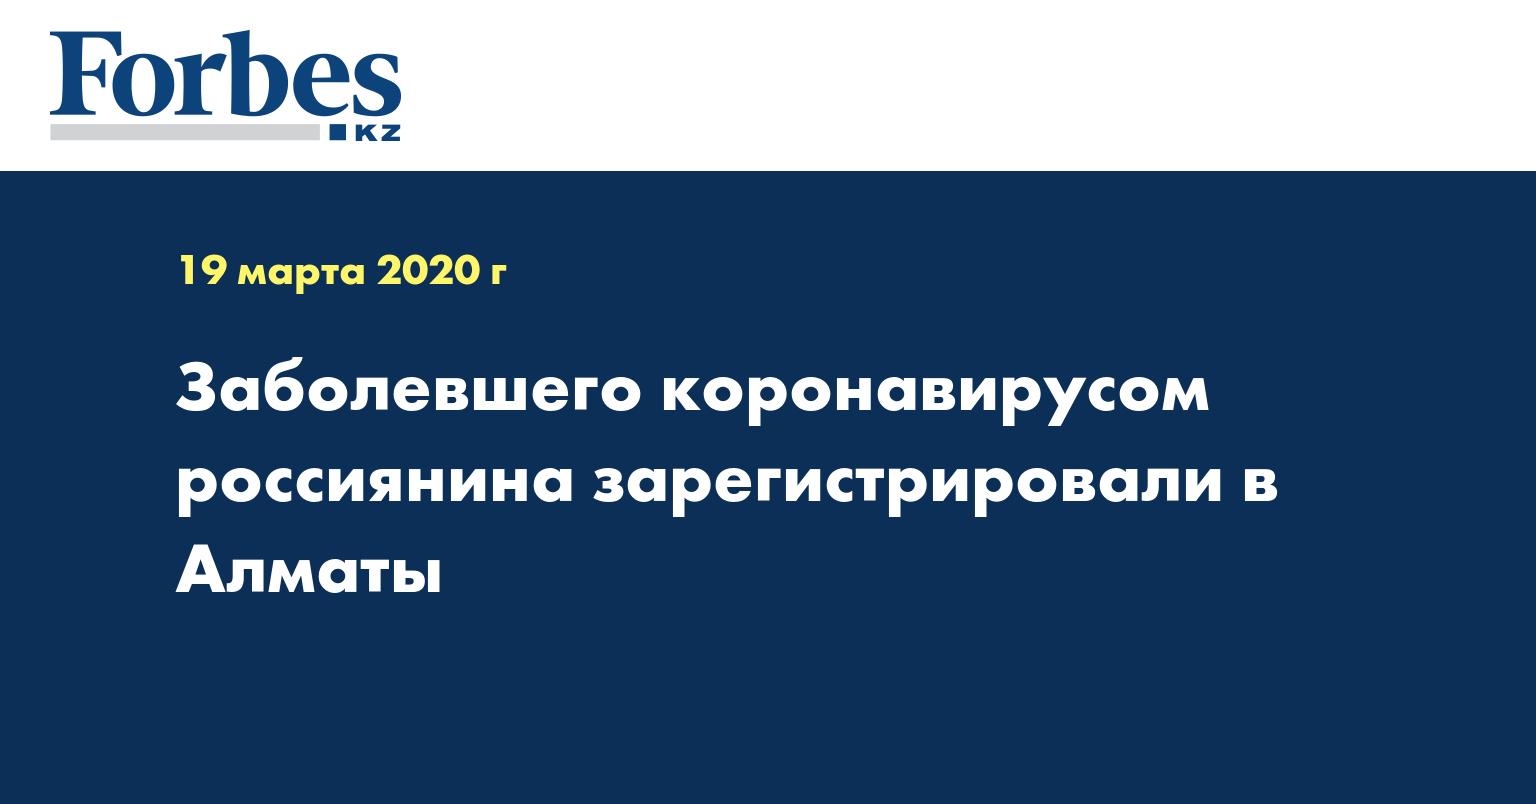 Заболевшего коронавирусом россиянина зарегистрировали в Алматы